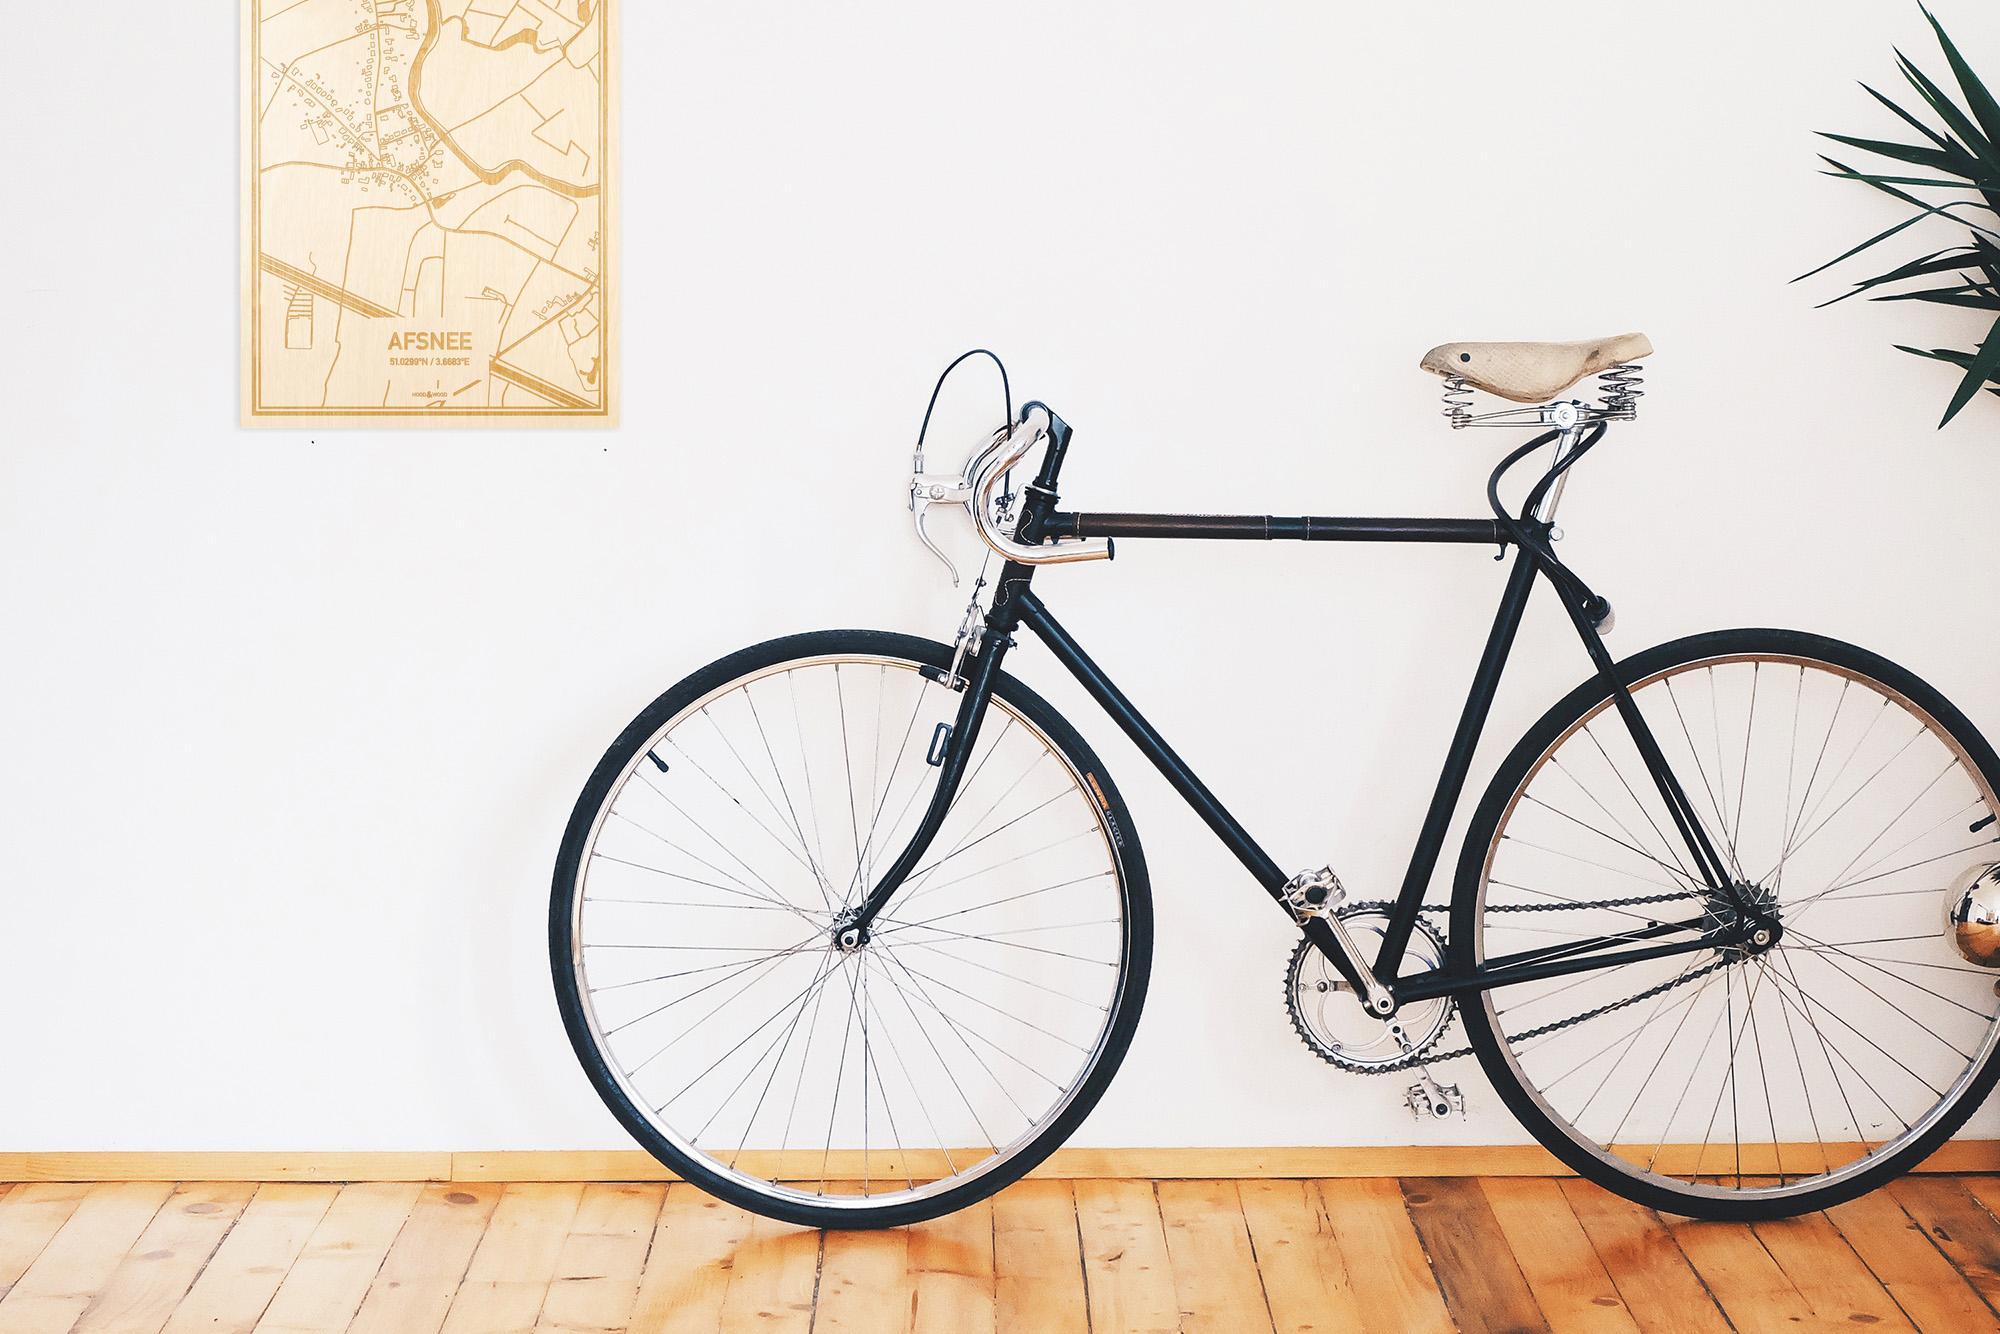 Een snelle fiets in een uniek interieur in Oost-Vlaanderen  met mooie decoratie zoals de plattegrond Afsnee.